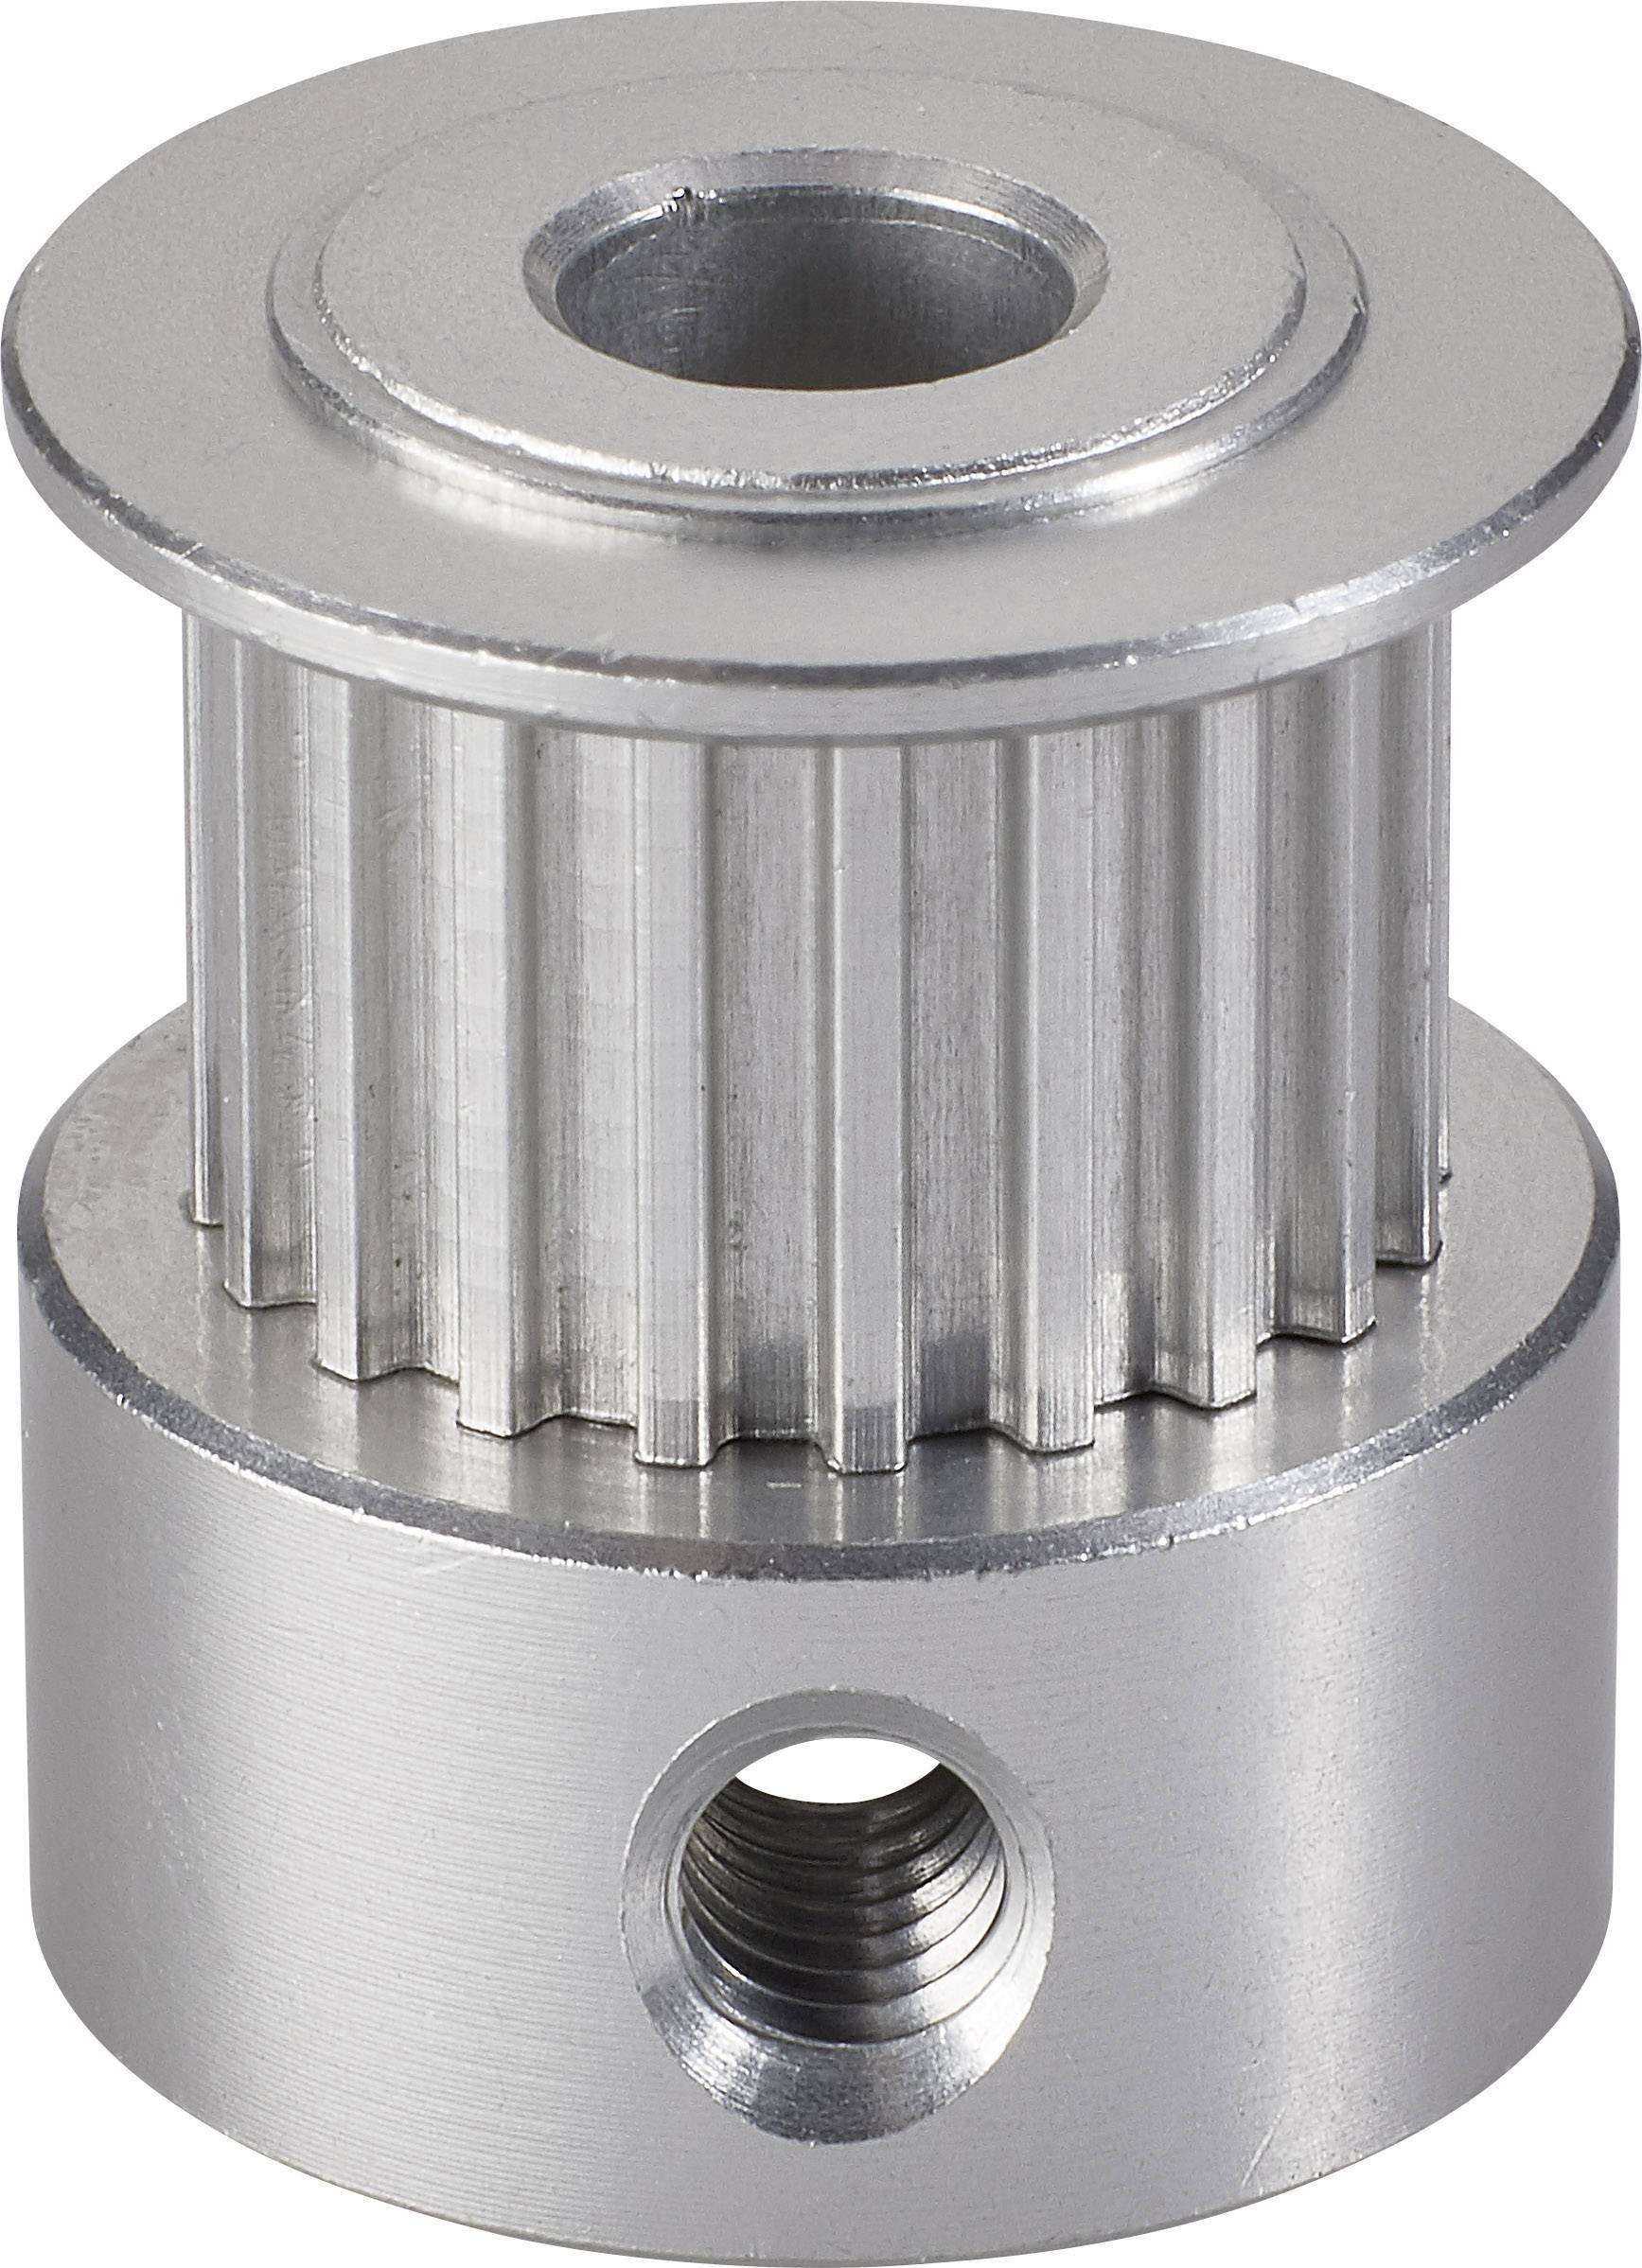 Náhradní ozubené kolečko Renkforce Vhodné pro 3D tiskárnu renkforce RF100